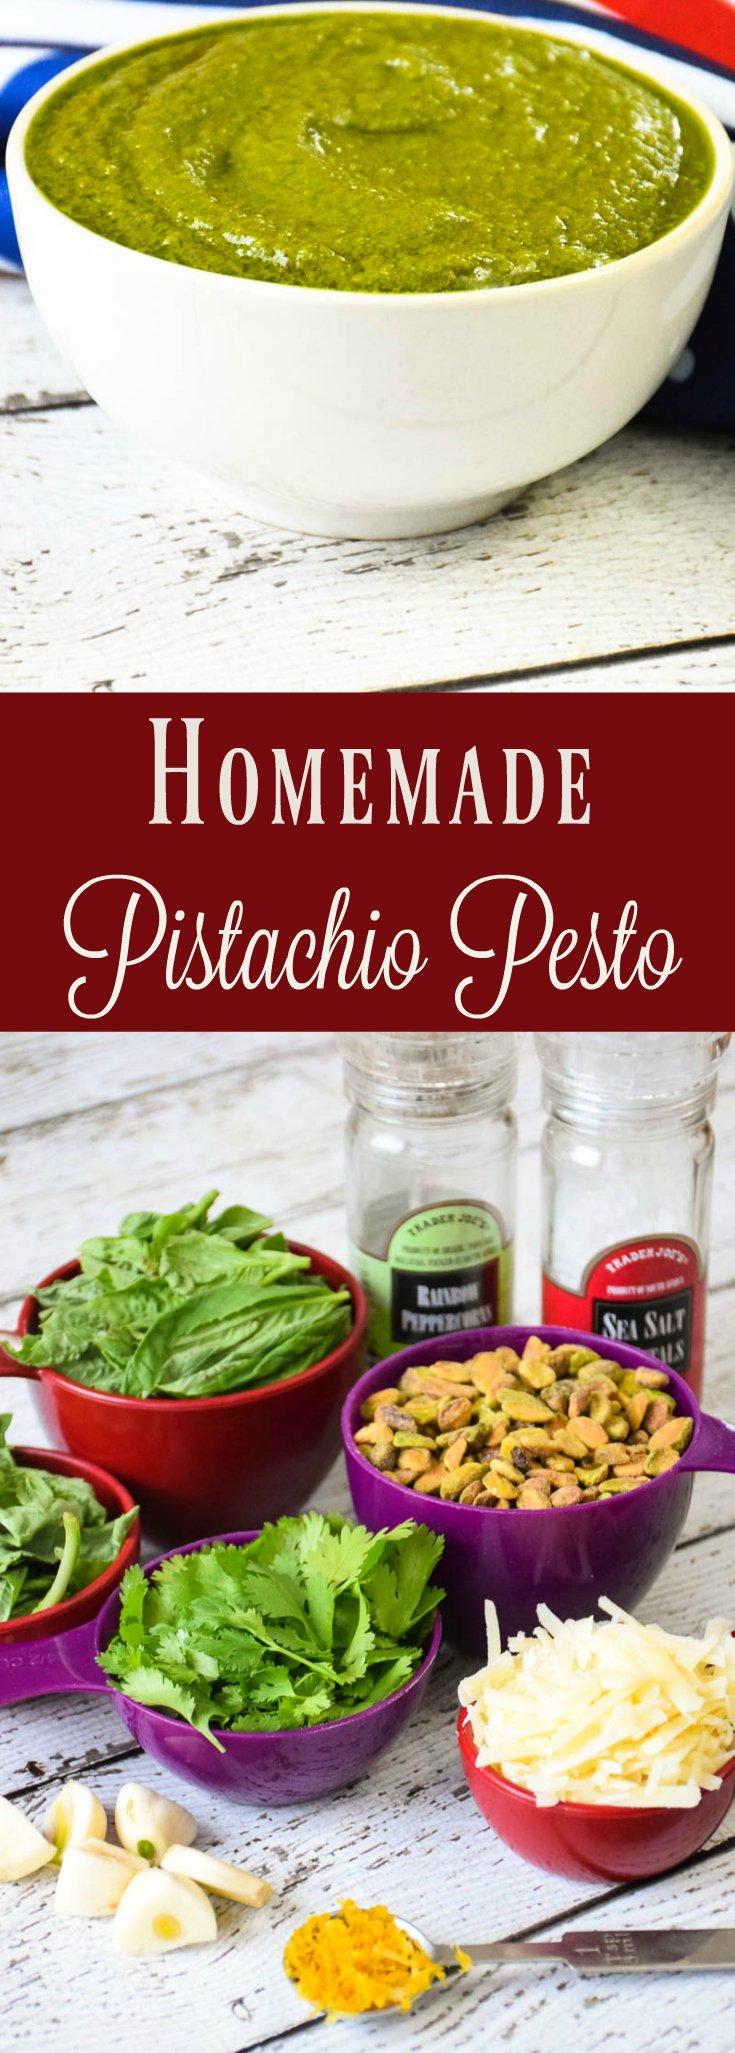 Homemade Pistachio Pesto